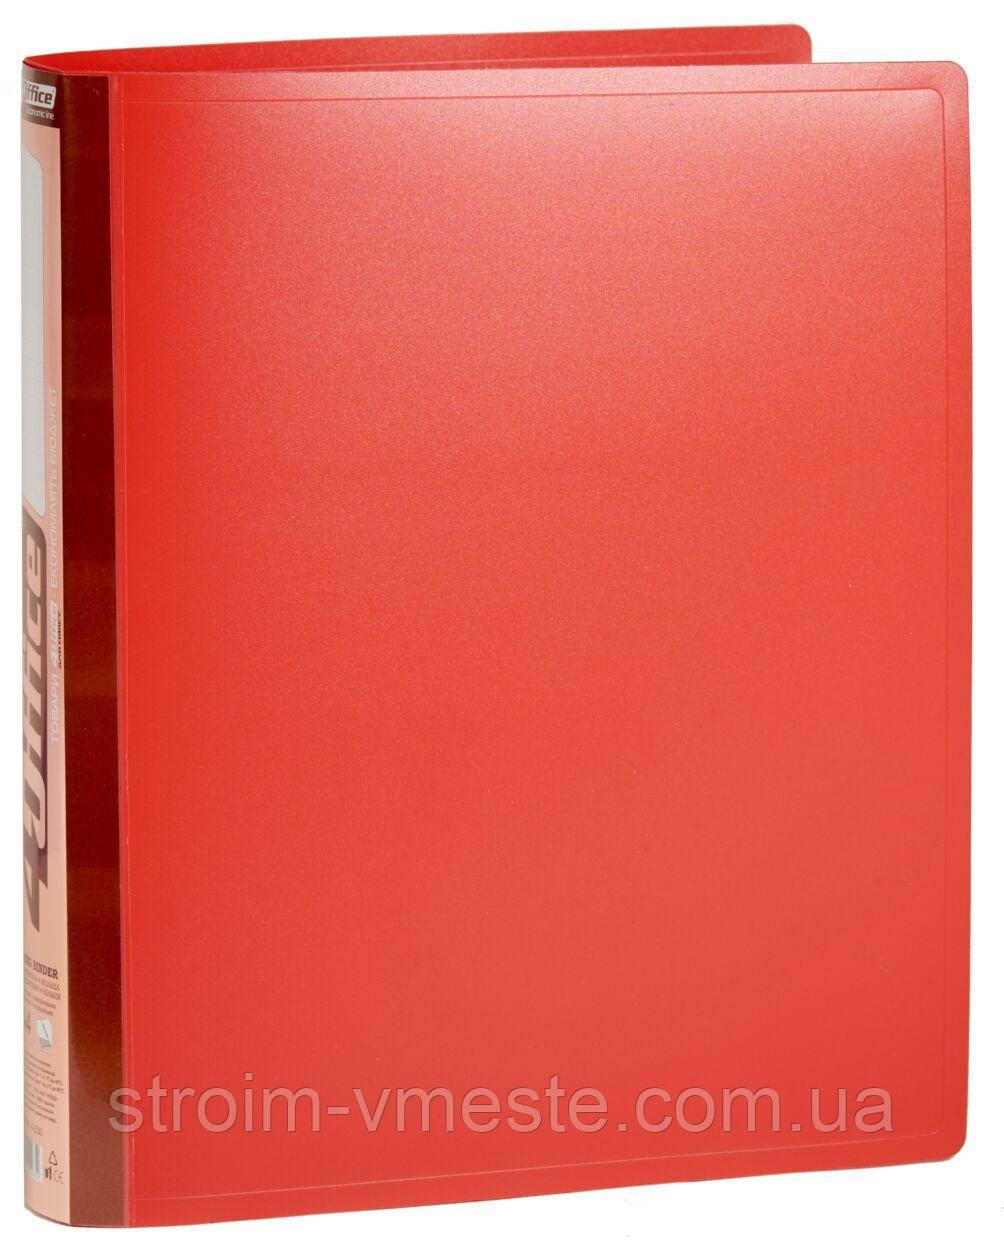 Папка-регистратор A4 4OFFICE 4-230 4 см красная